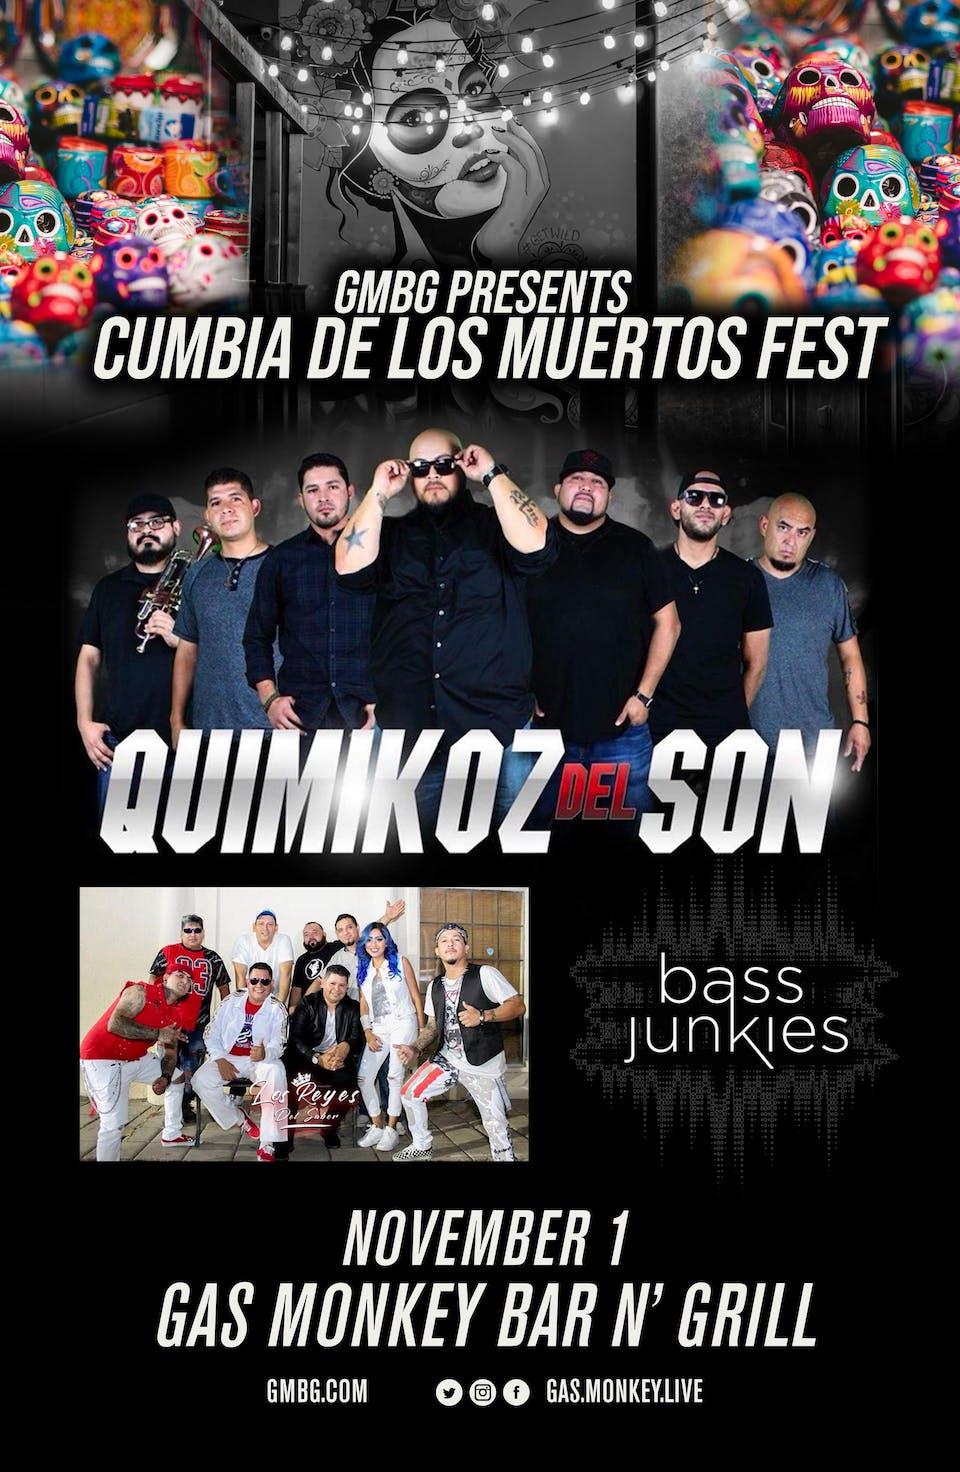 CUMBIA DE LOS MUERTOS FEST